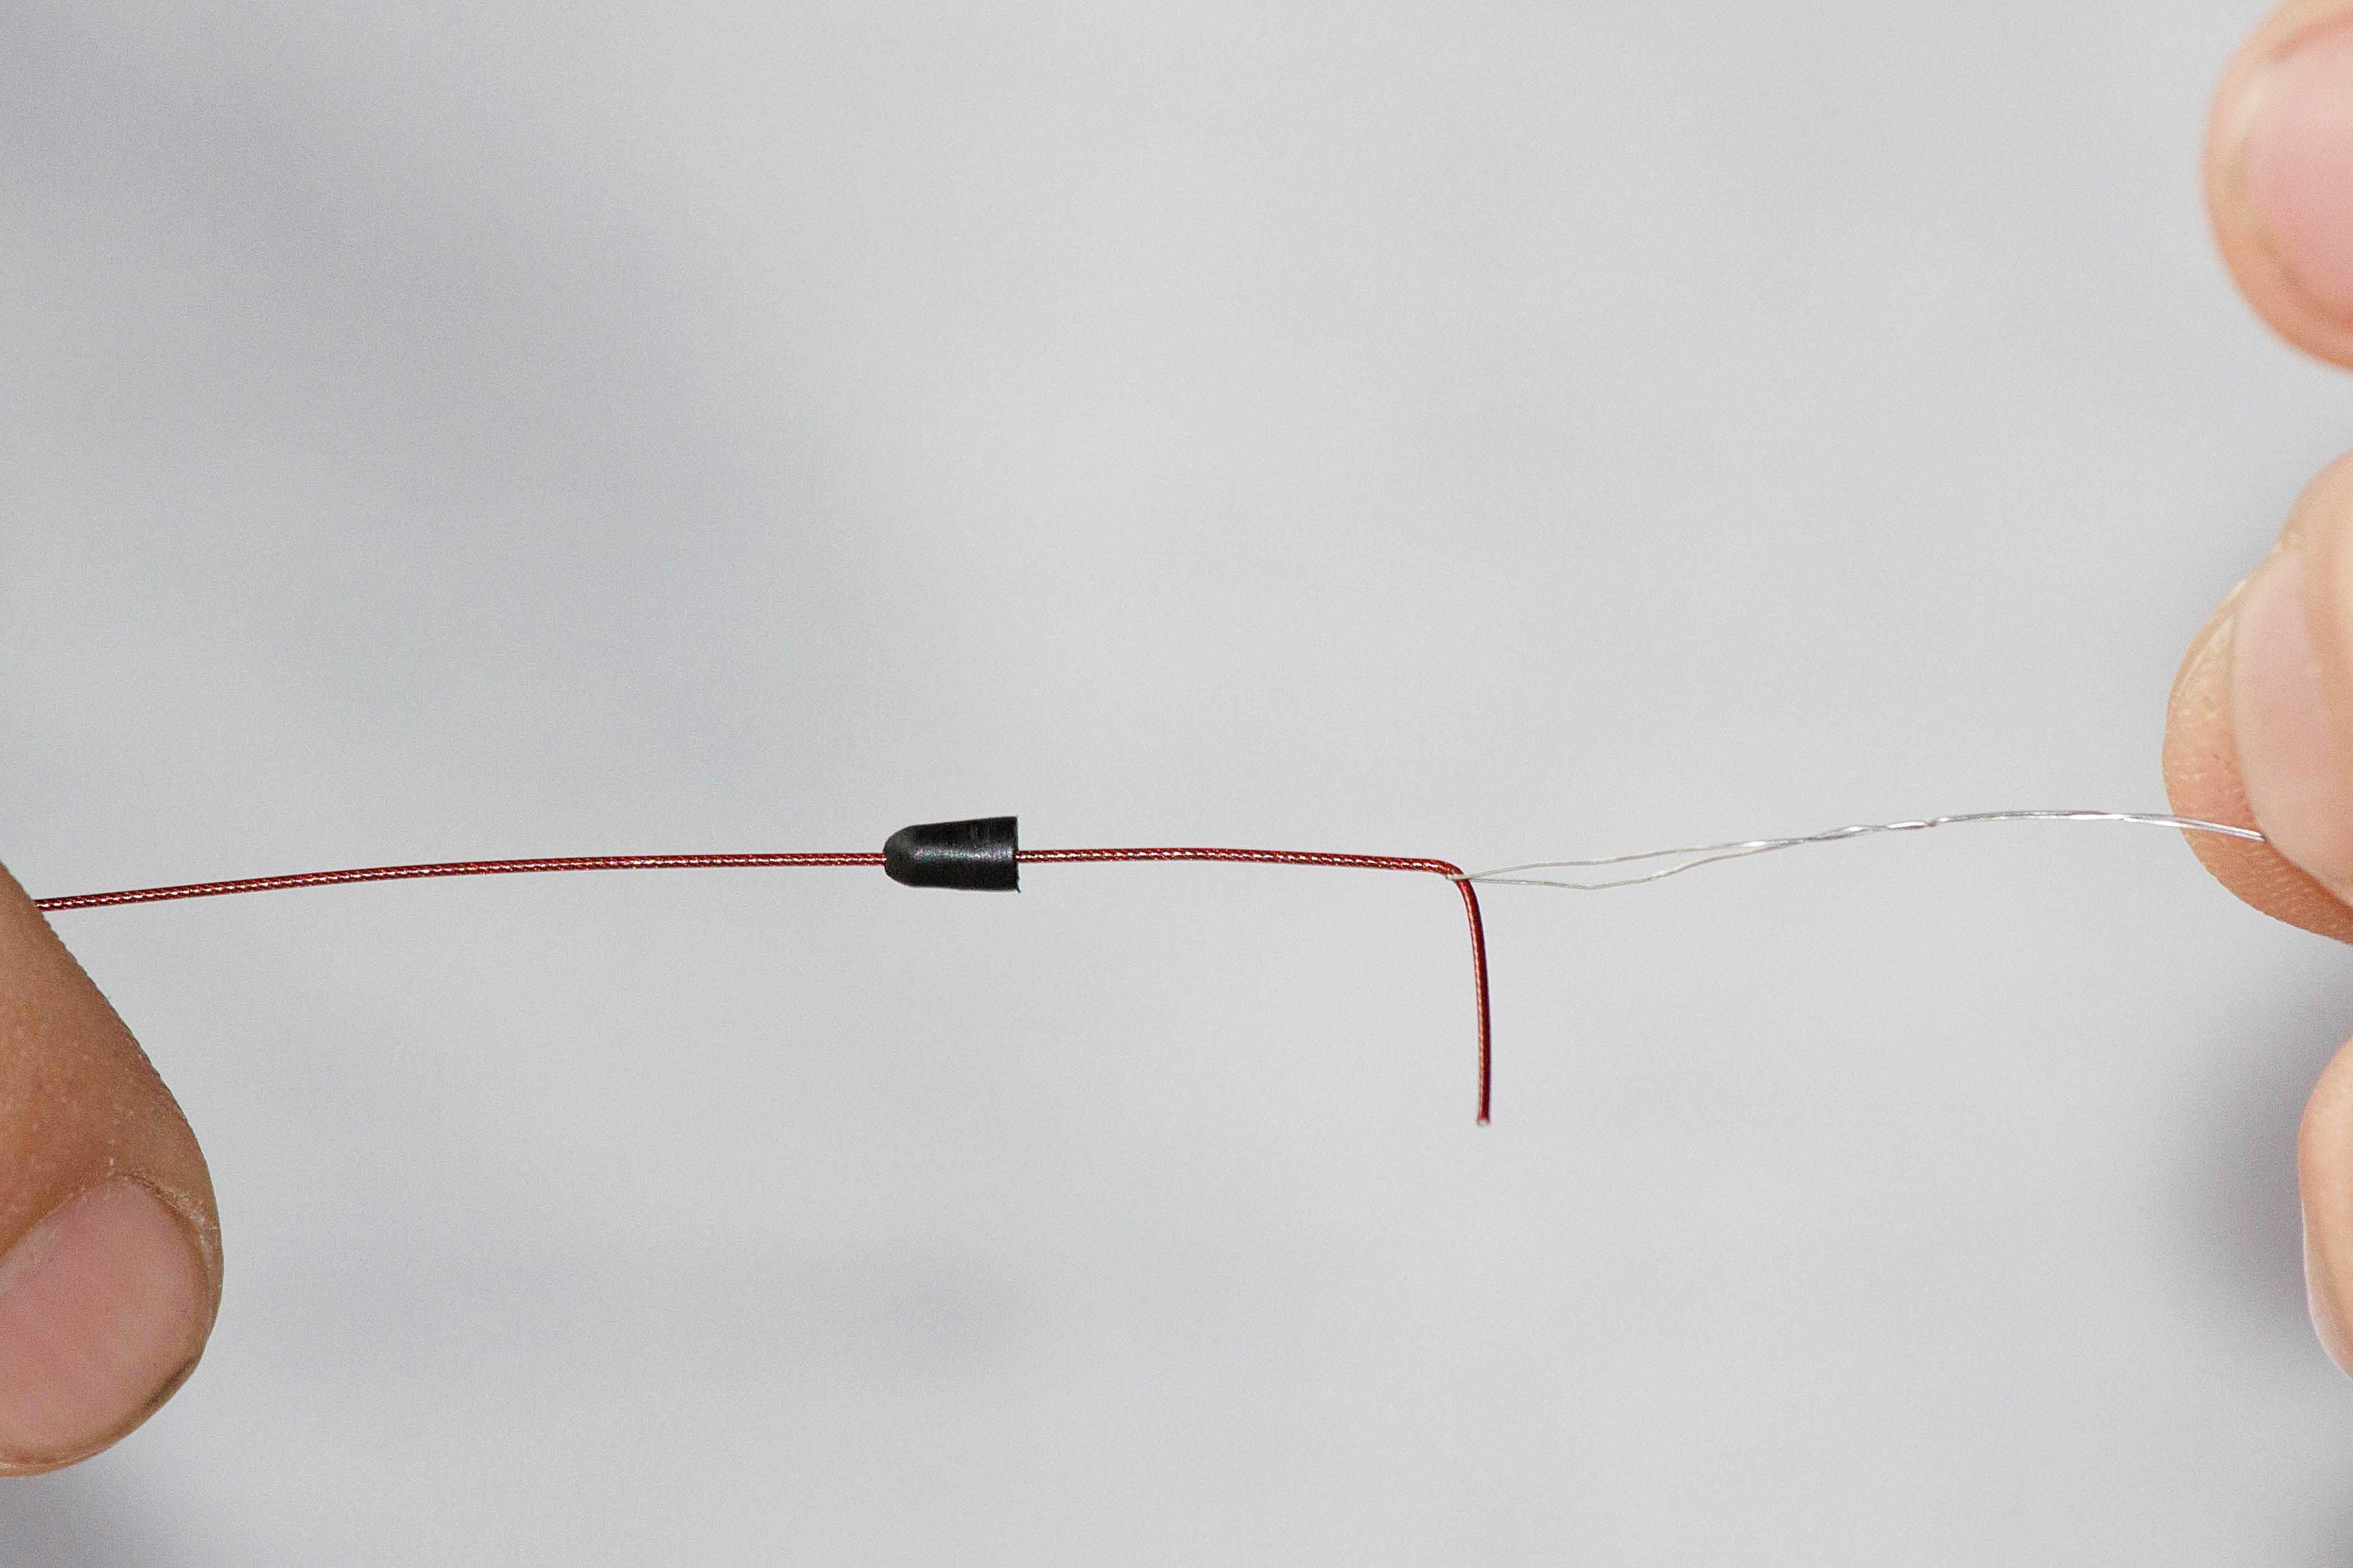 Als erstes zieht man den Schnurstopper mit ein wenig Kraft auf den weichen Stahldraht.